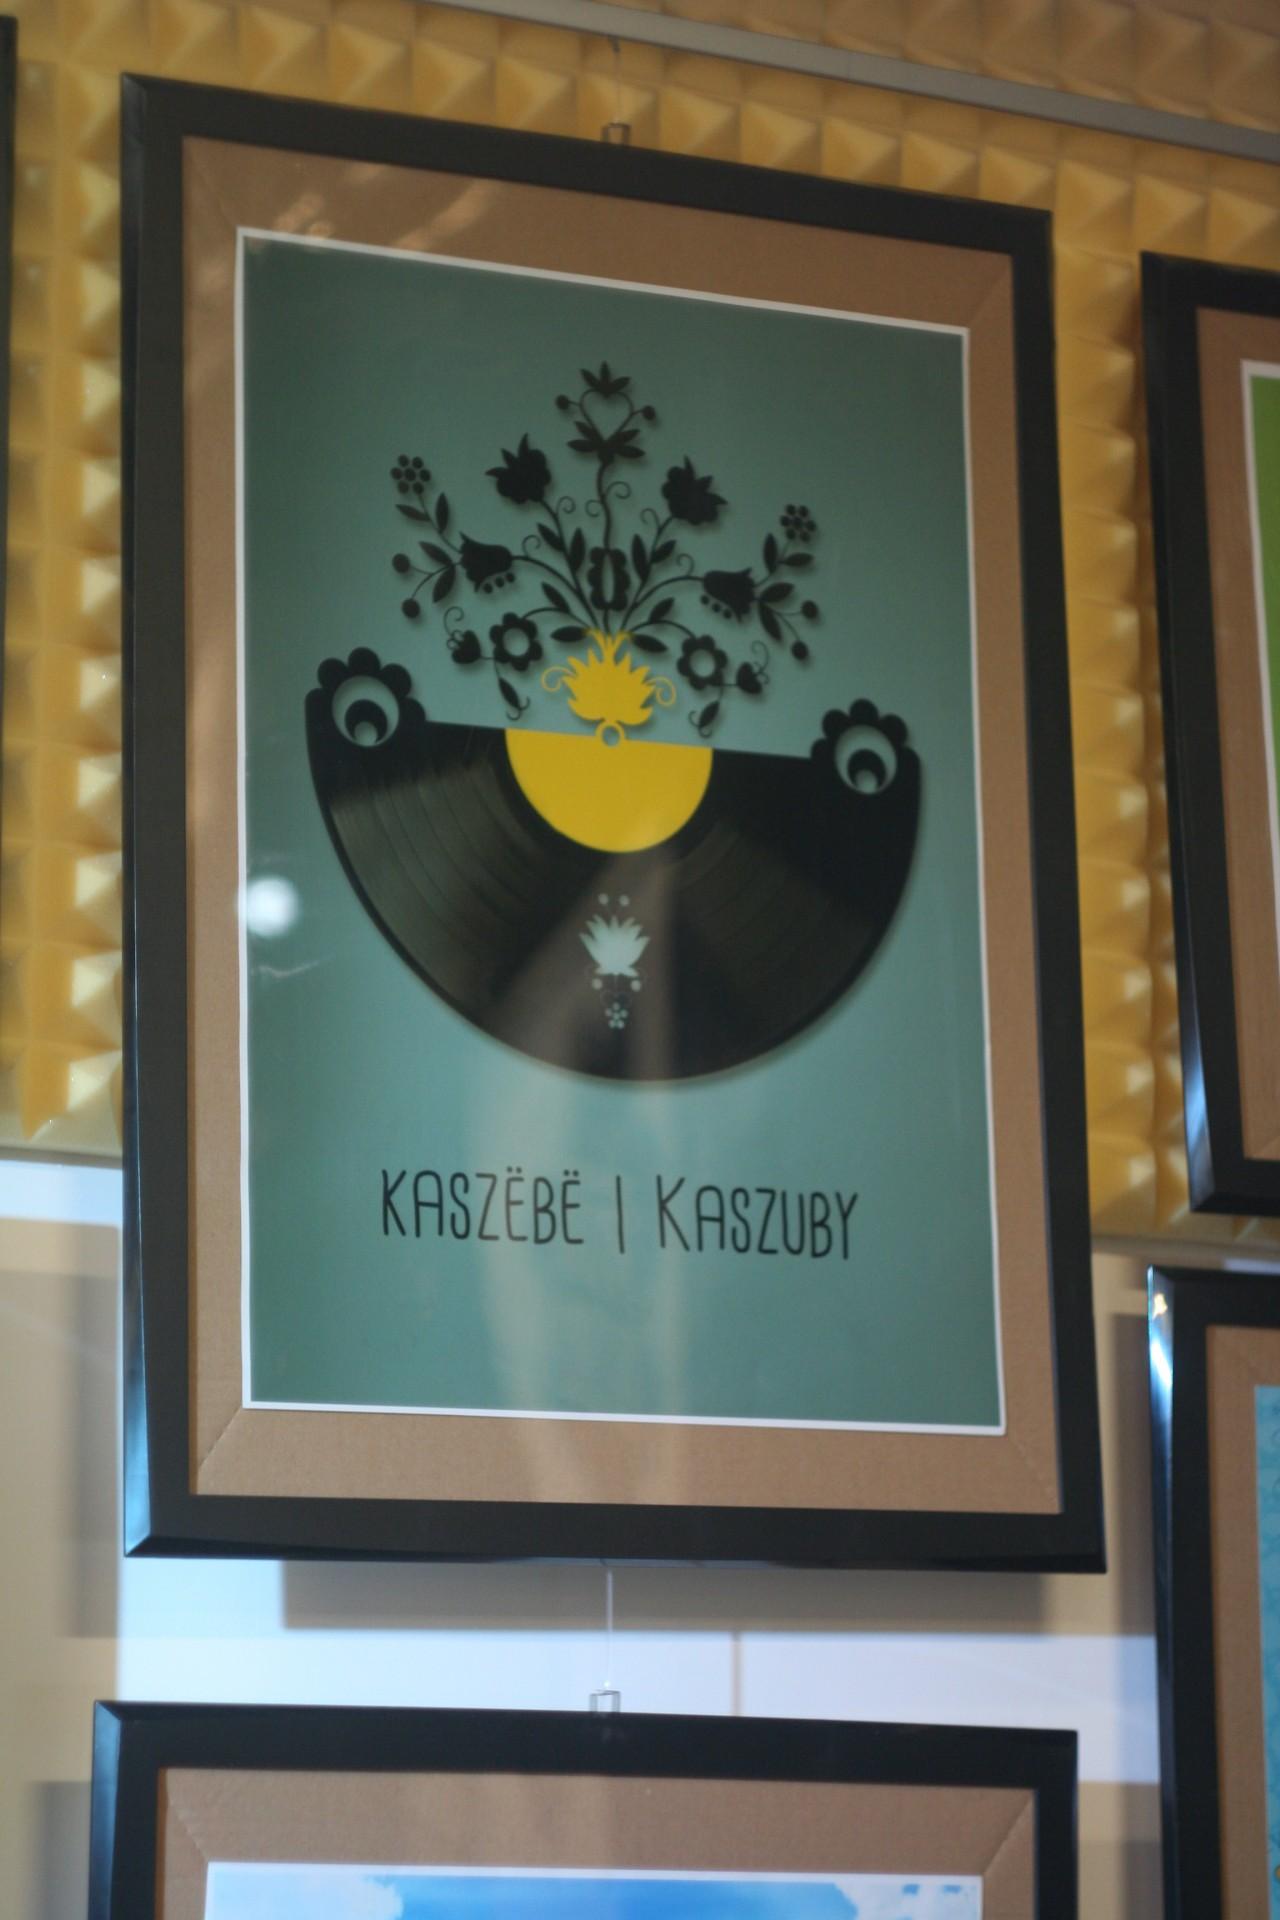 Cassubia Visuales. Wystawa pokonkursowa. Fot. Karola Kułaga/Magazyn Kaszuby